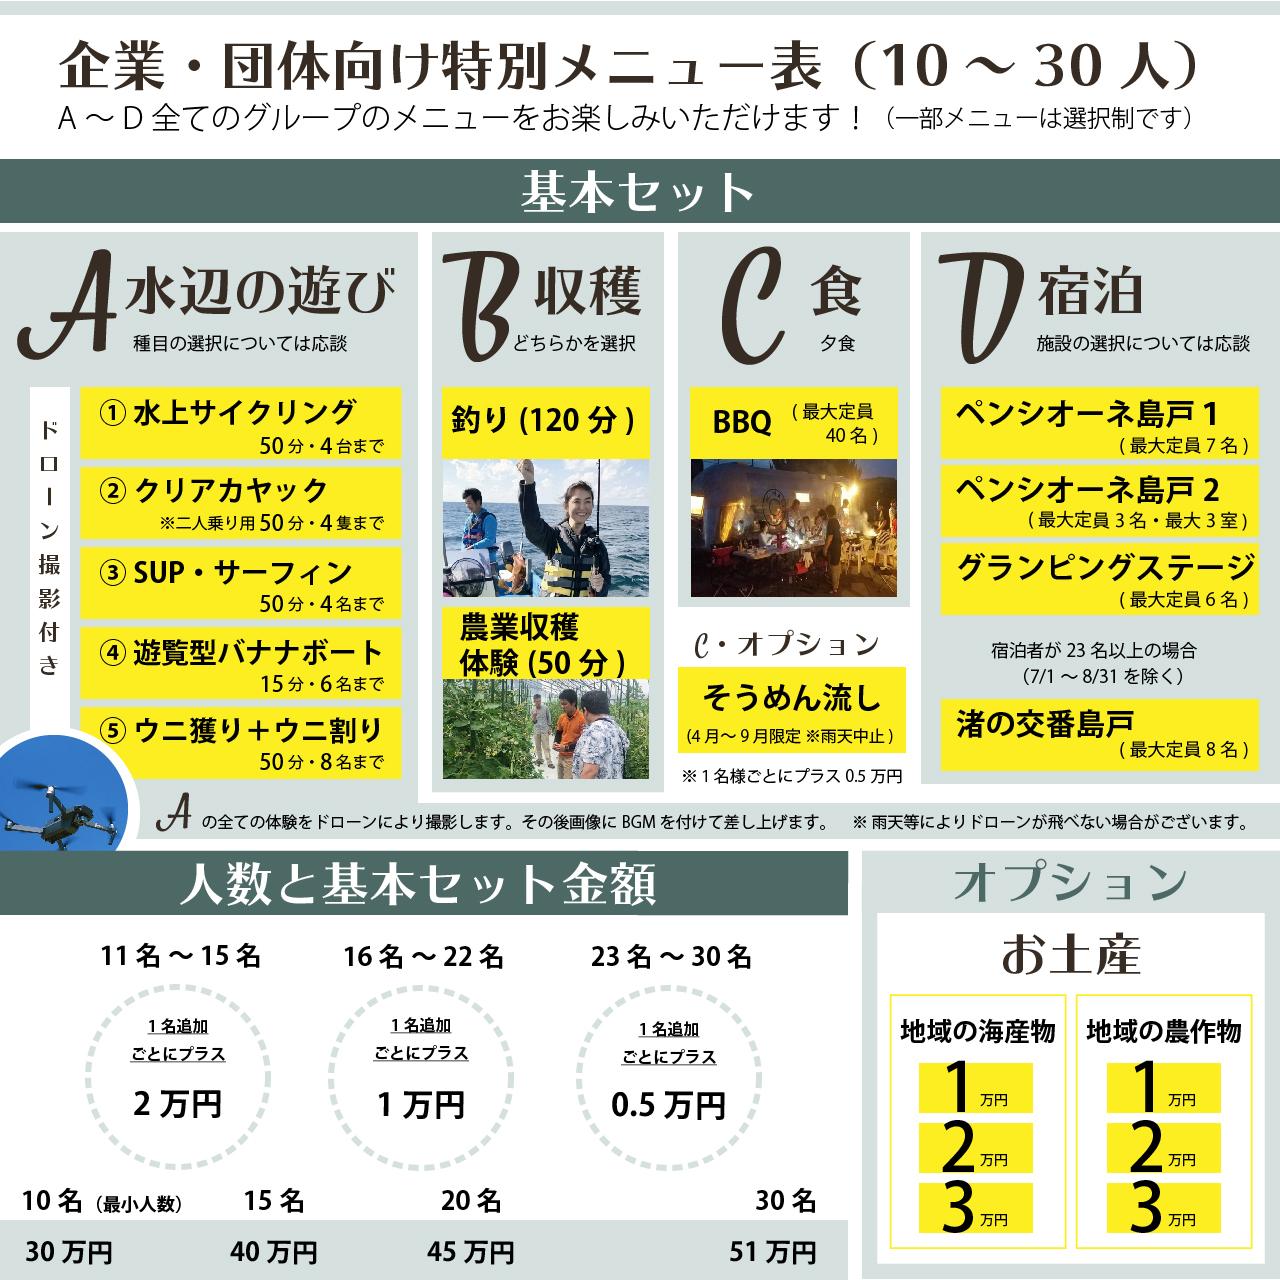 図:企業・団体向け特別メニュー表(10~30人)